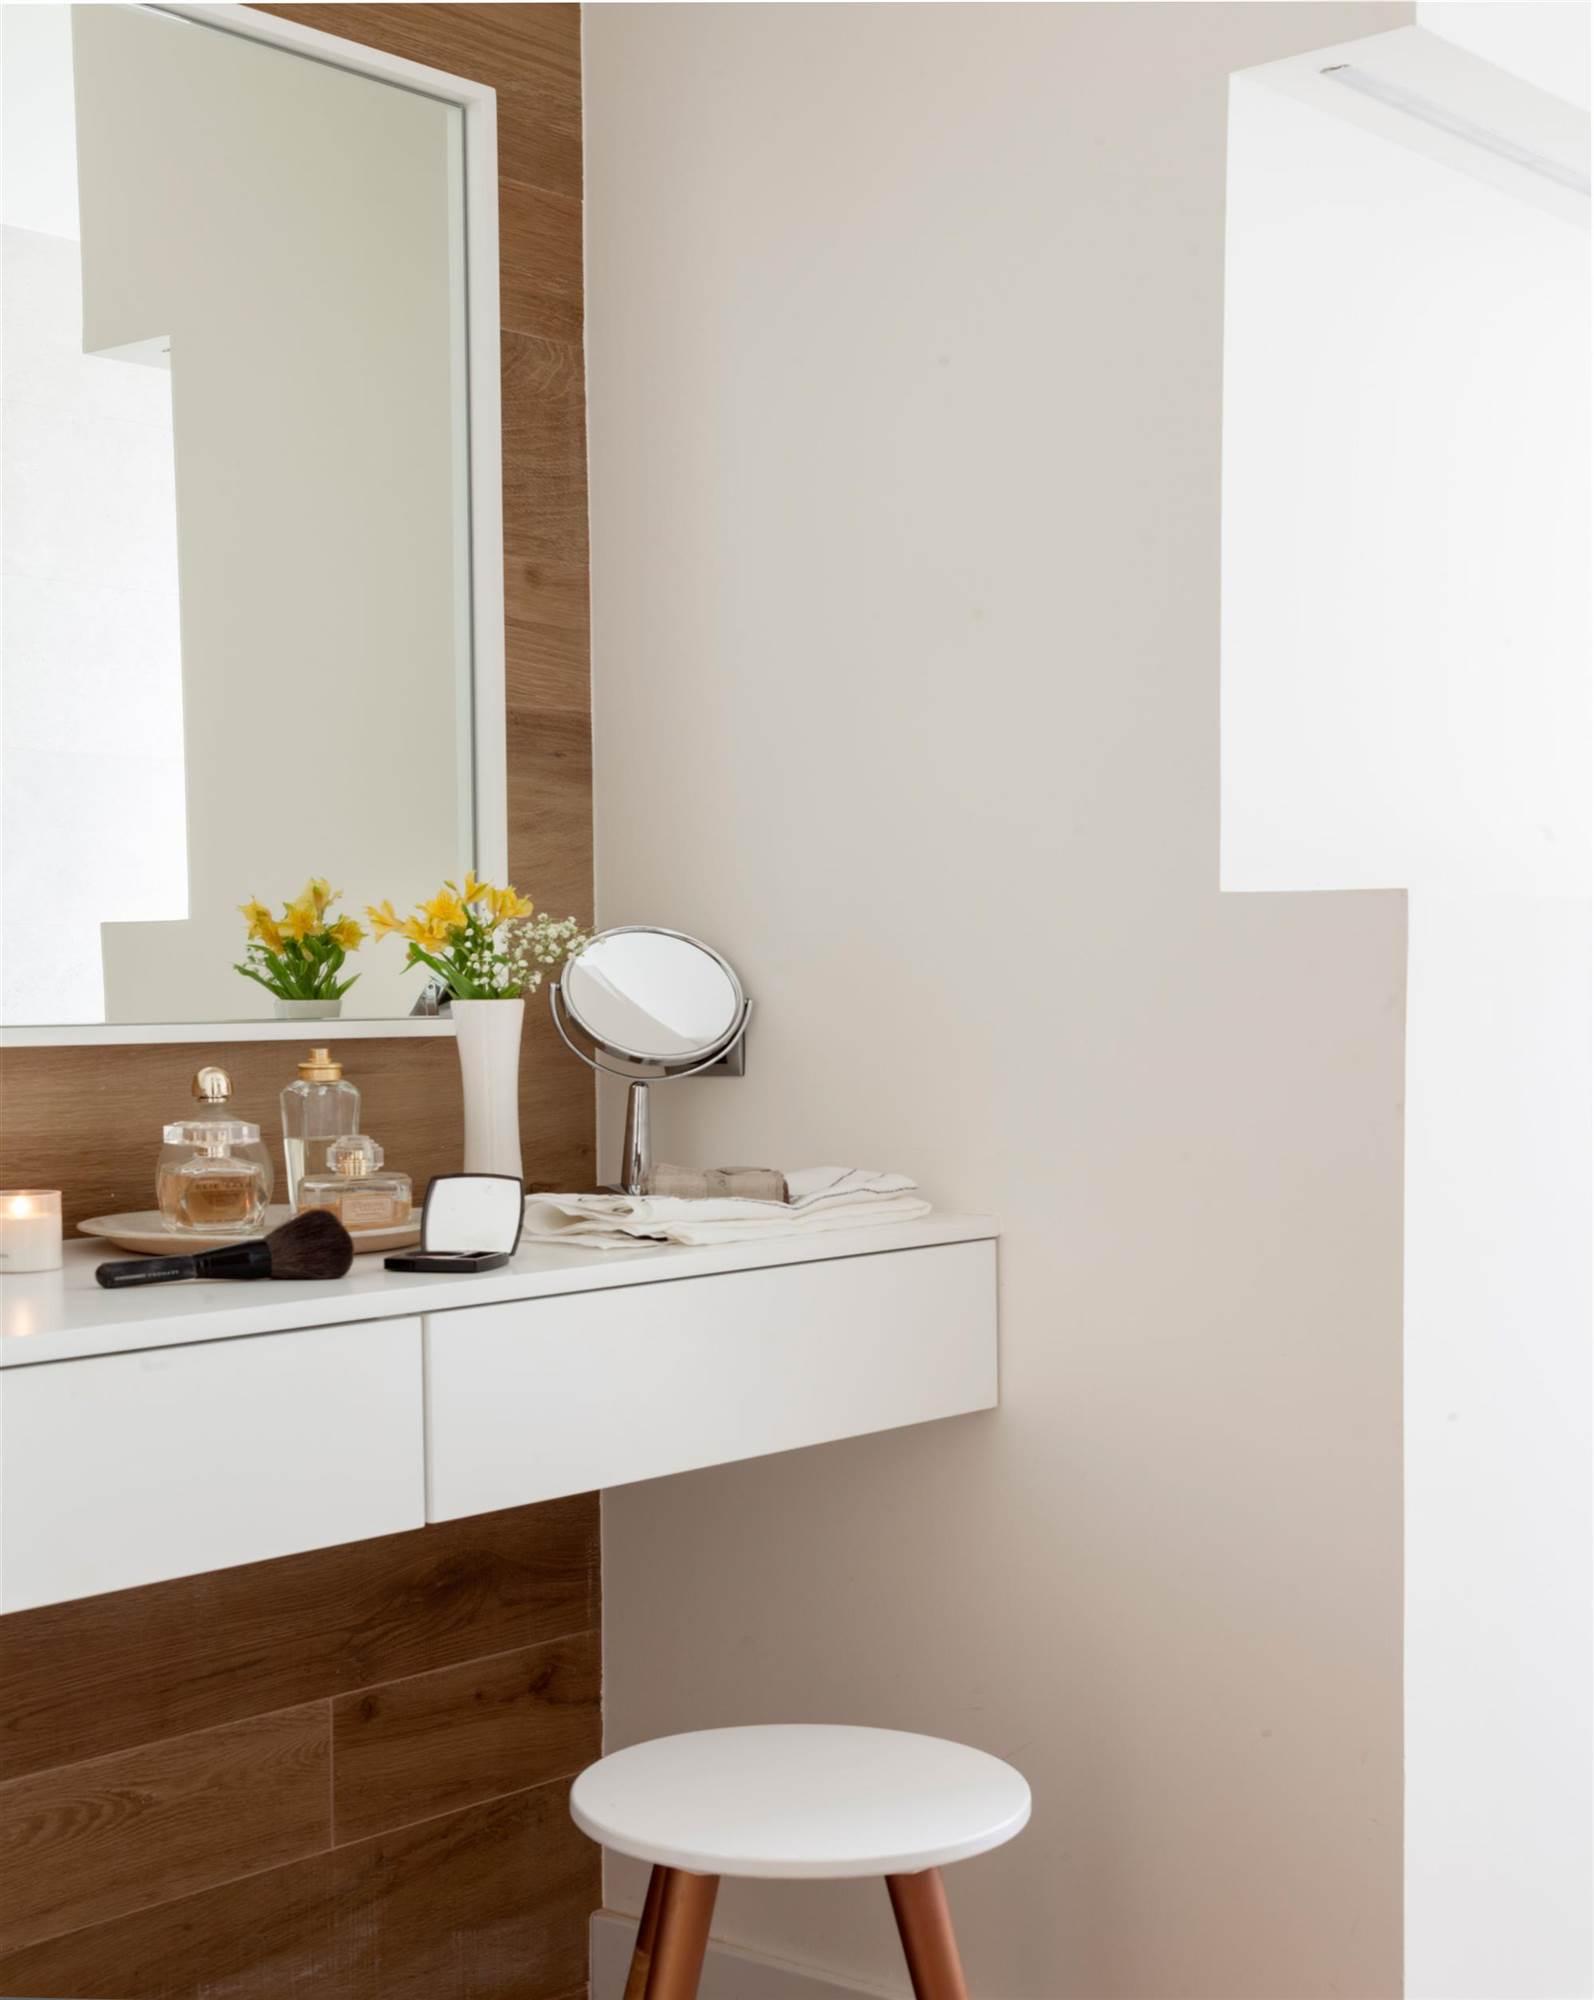 Lavamanos antiguo con espejo lavabo antiguo foto de stock - Espejos para lavabos ...